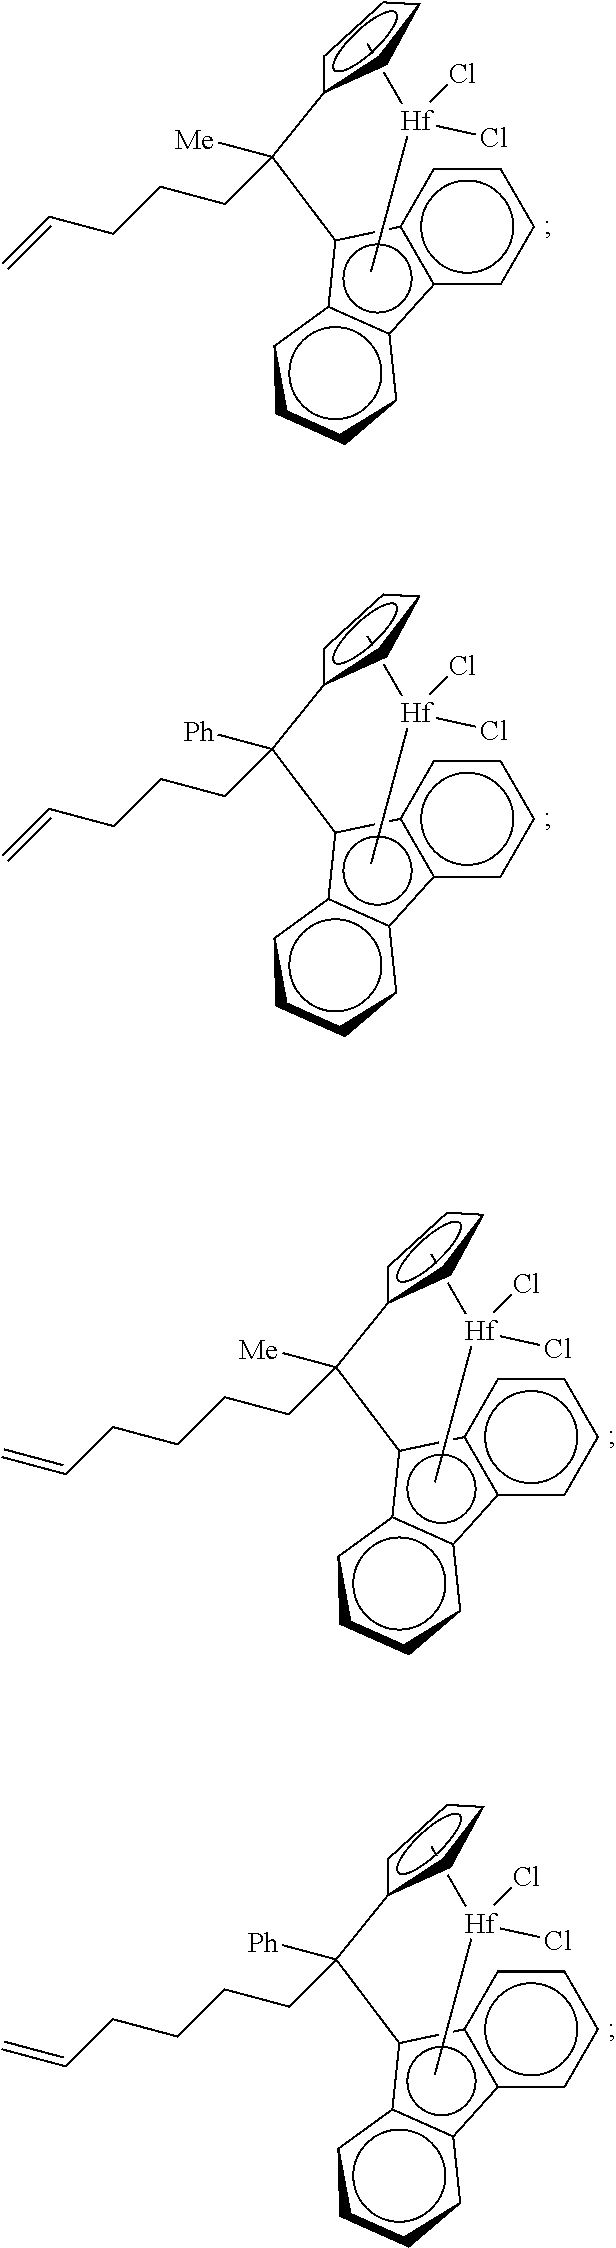 Figure US08143183-20120327-C00013